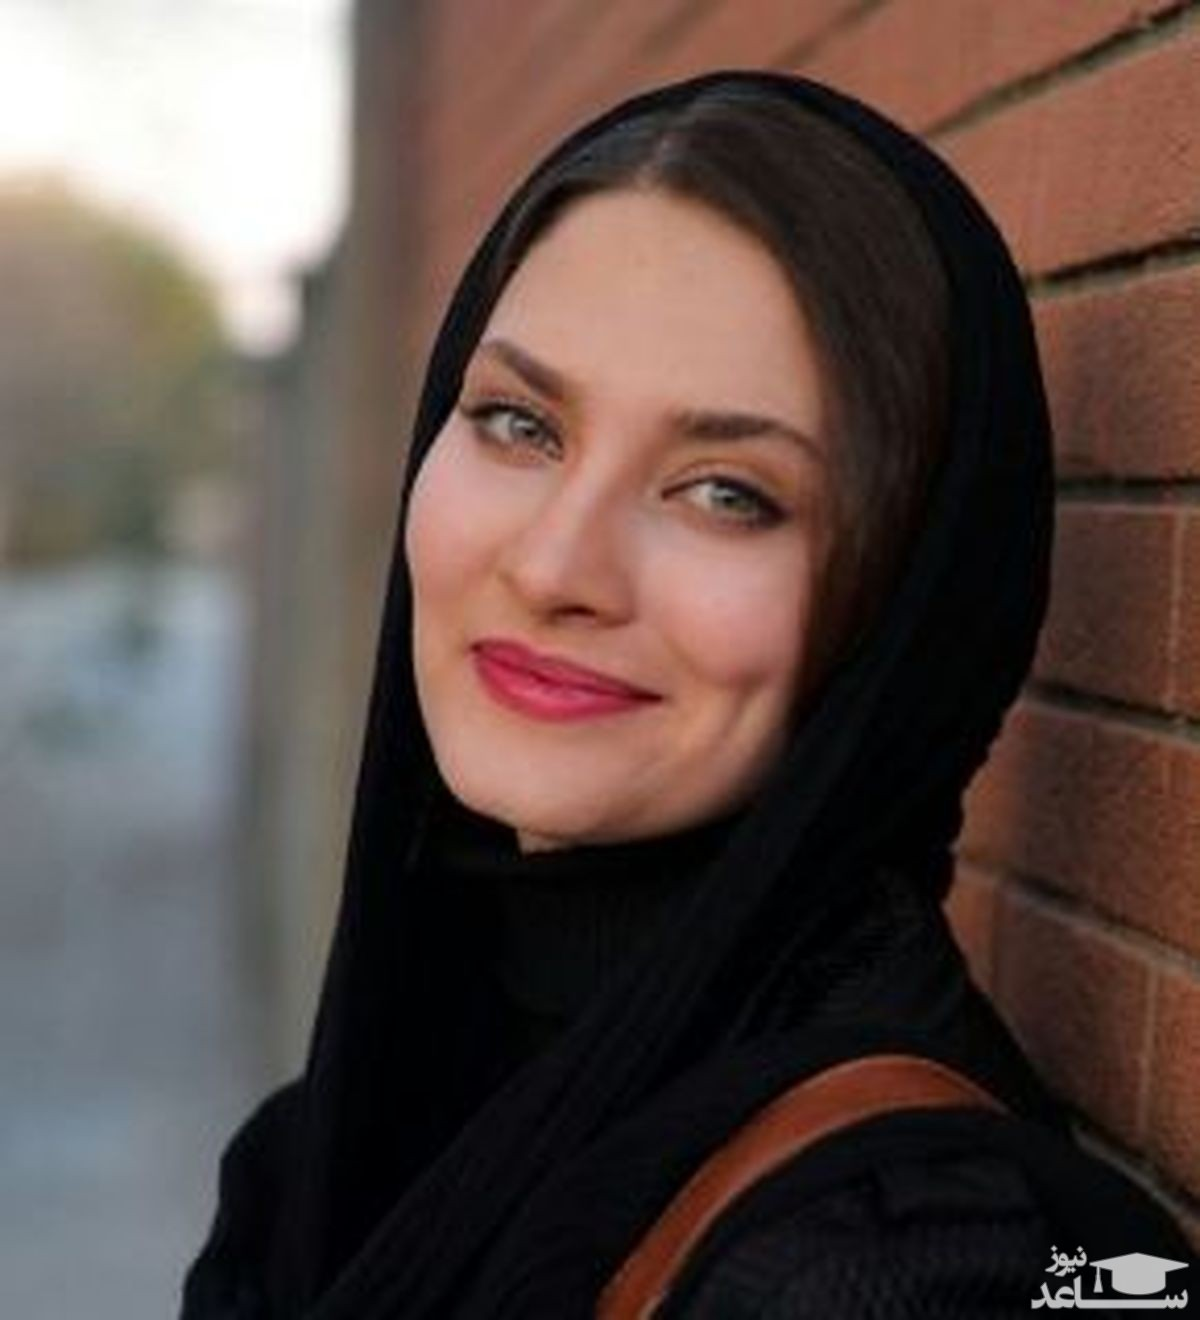 ساناز سعیدی زیباتر از همیشه